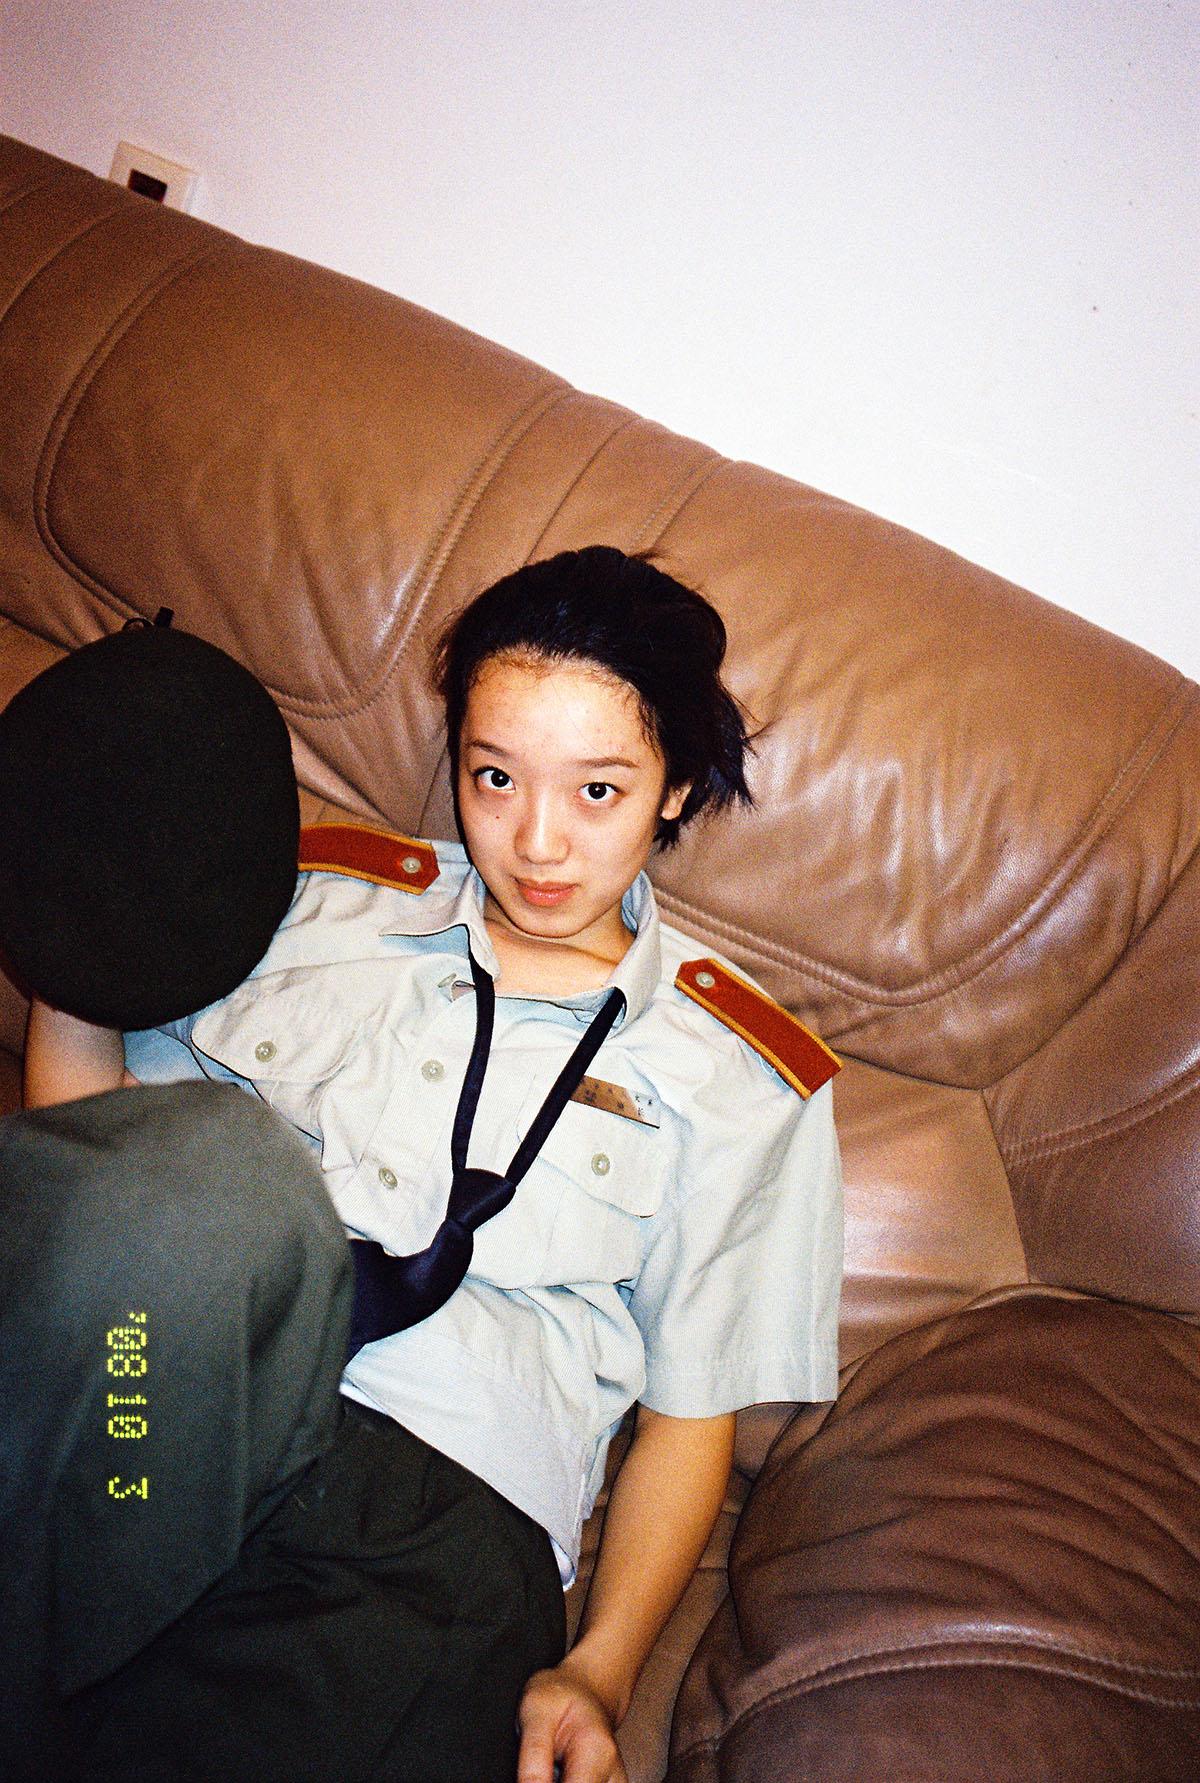 戴建勇,《20081003》,选自《朱凤娟2008-2015》系列,2008年。图片由艺术家提供。